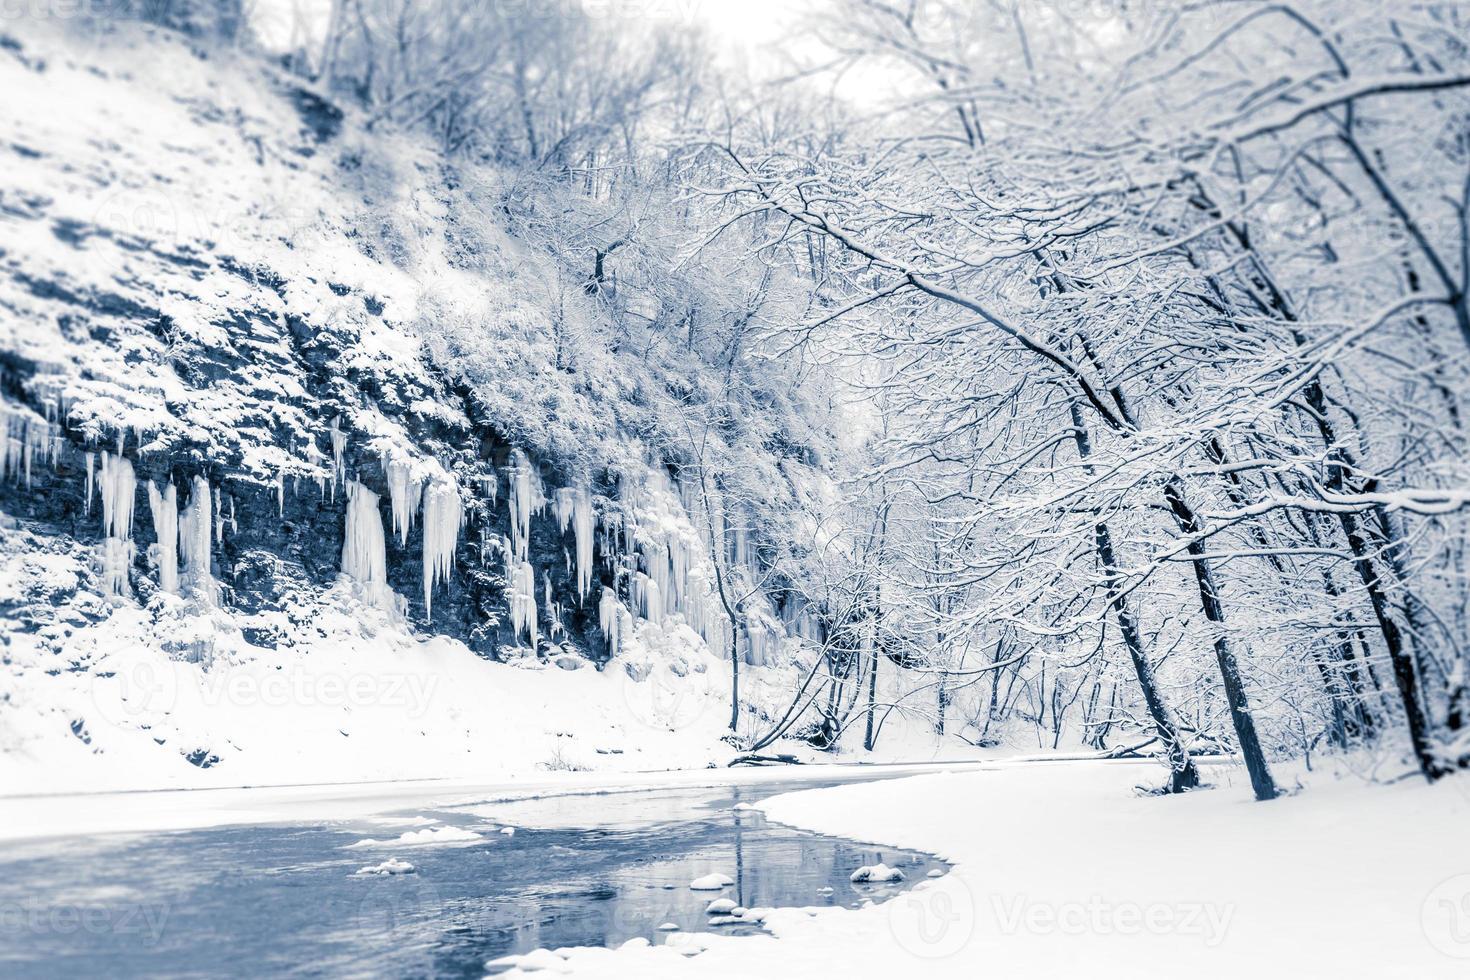 scène d'hiver enneigé. photo